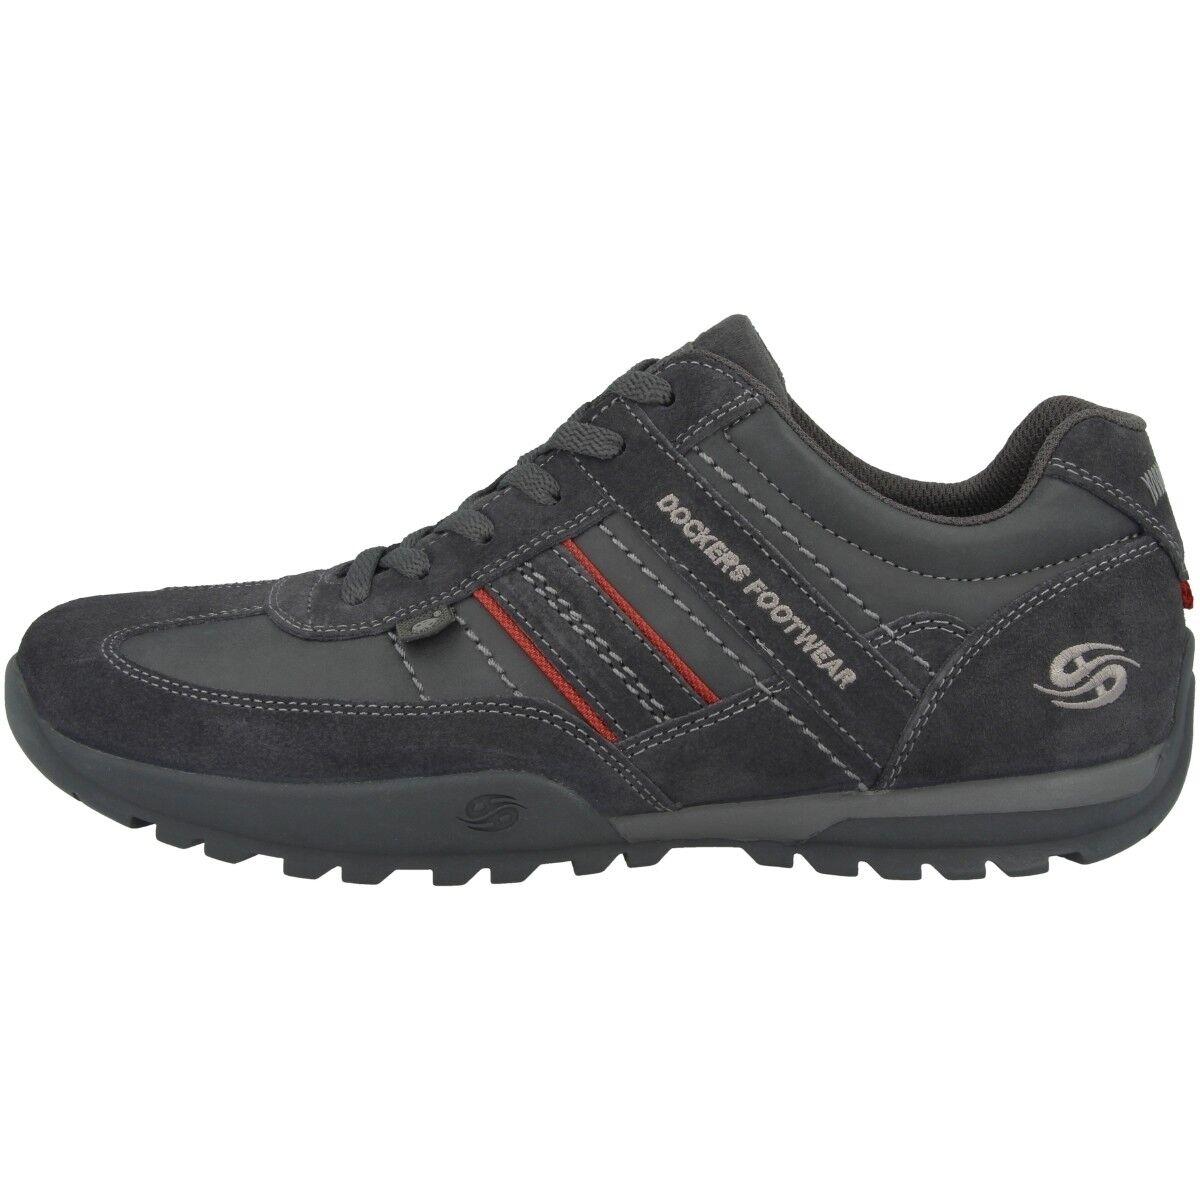 Dockers by Gerli 36HT001 Schuhe Schnürer Herren Sneaker Schnürer Schuhe asphalt 36HT001-204230 a88a8b